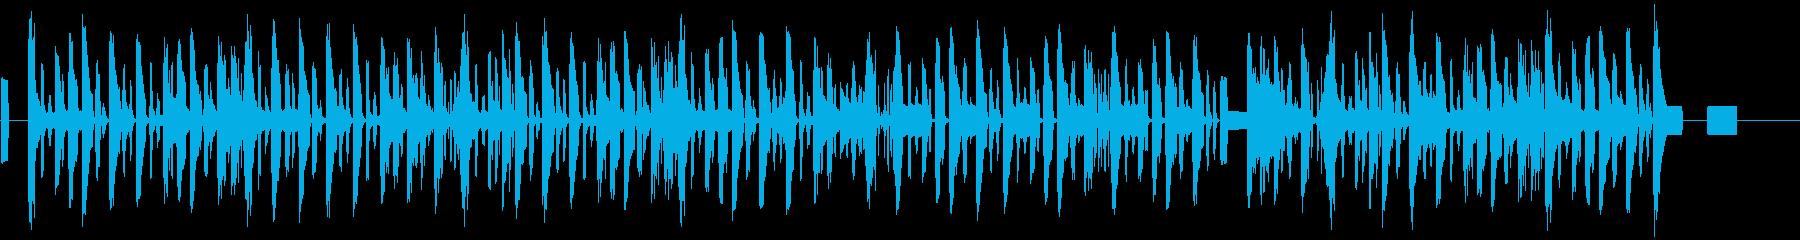 蛍の光(電話機で演奏してみた)の再生済みの波形